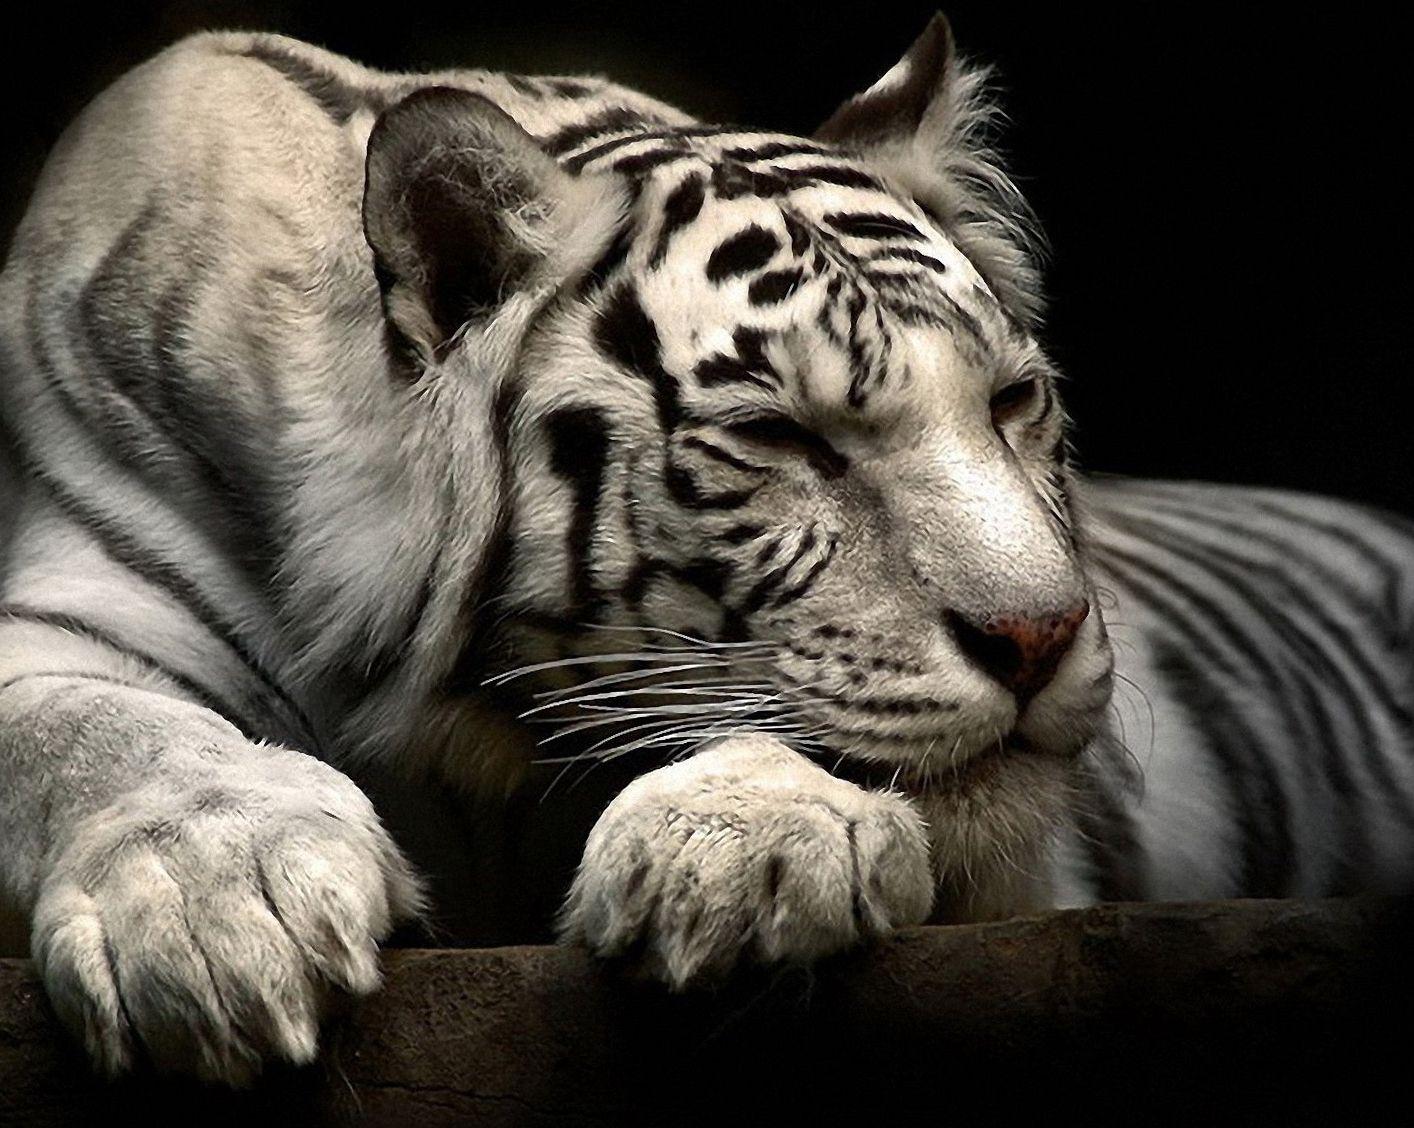 Cool Animal Wallpapers Phone Pet Tiger Animal Wallpaper